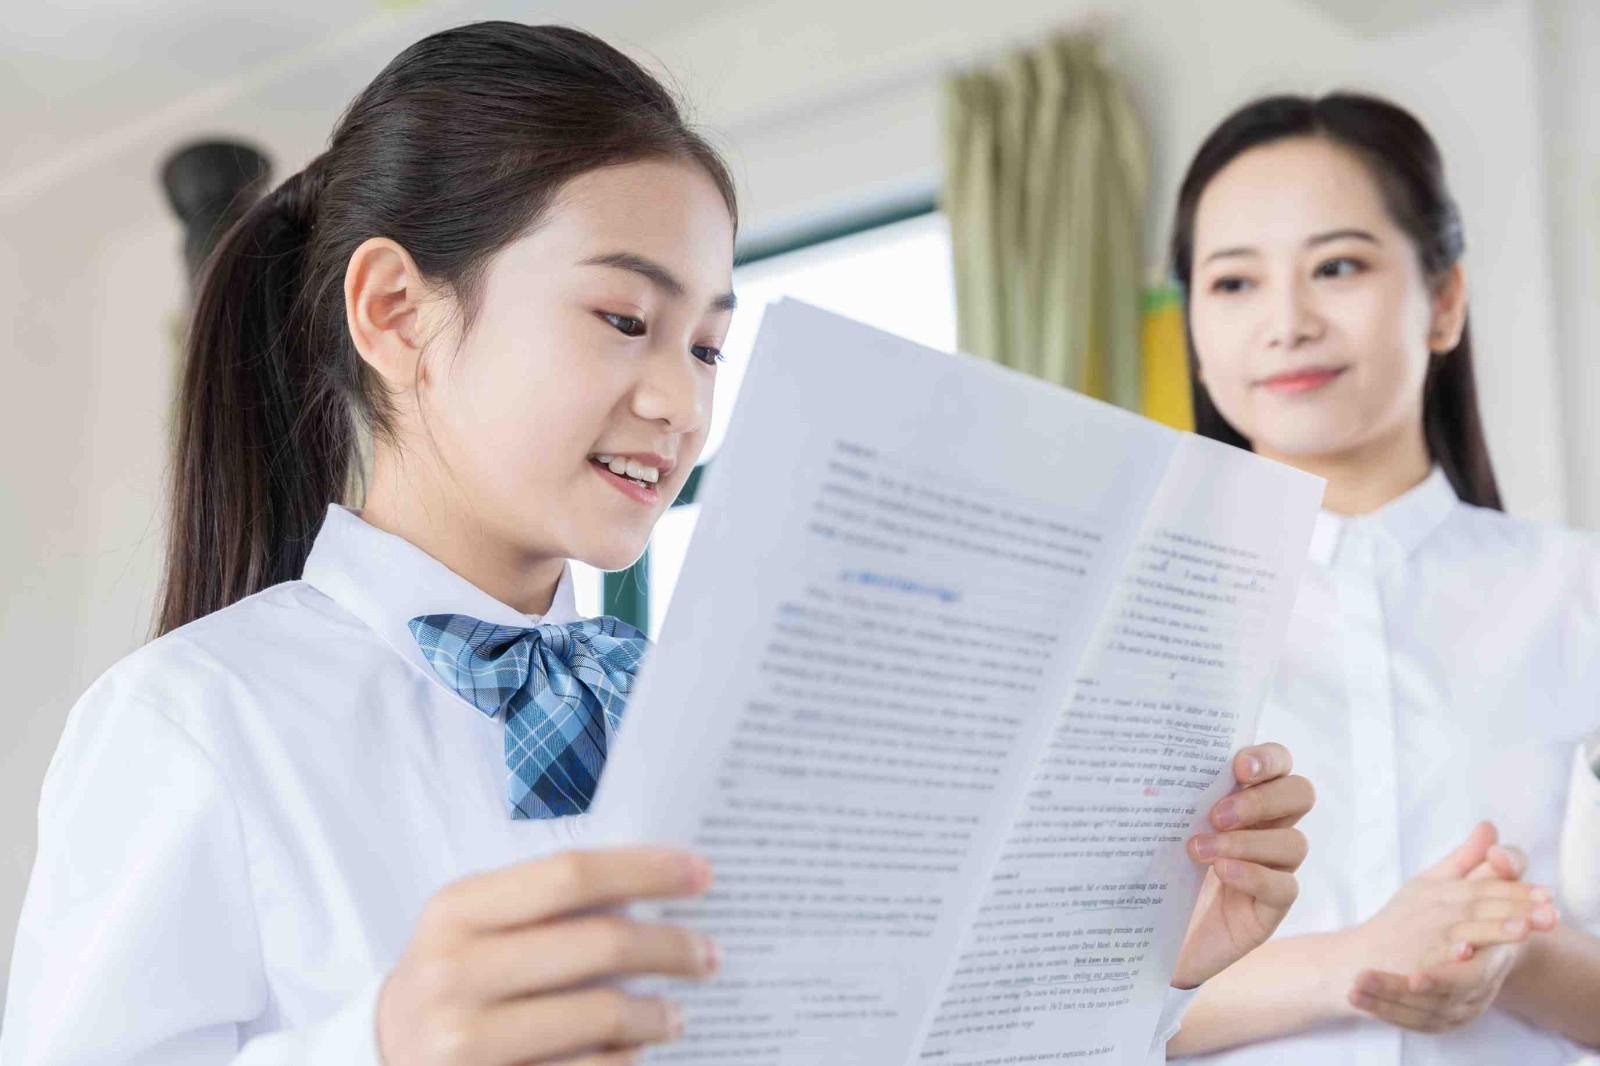 学习英语报考专业及学校